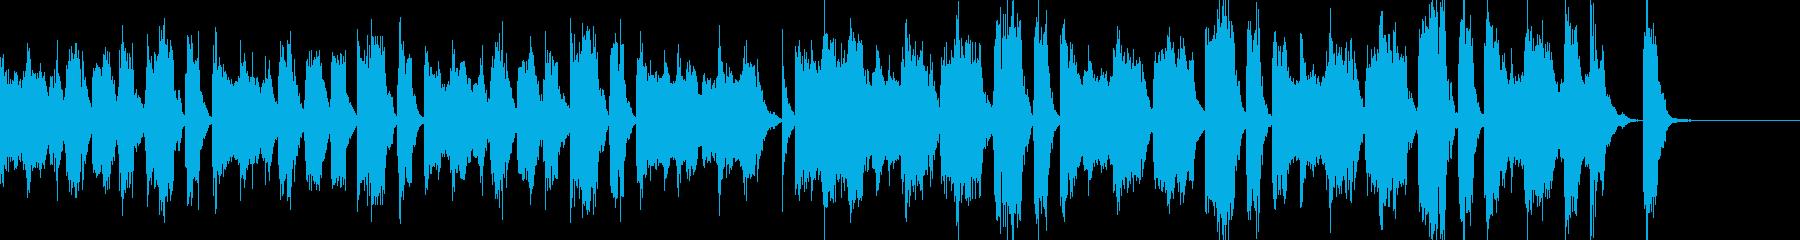 楽しい雰囲気のテクノBGMの再生済みの波形